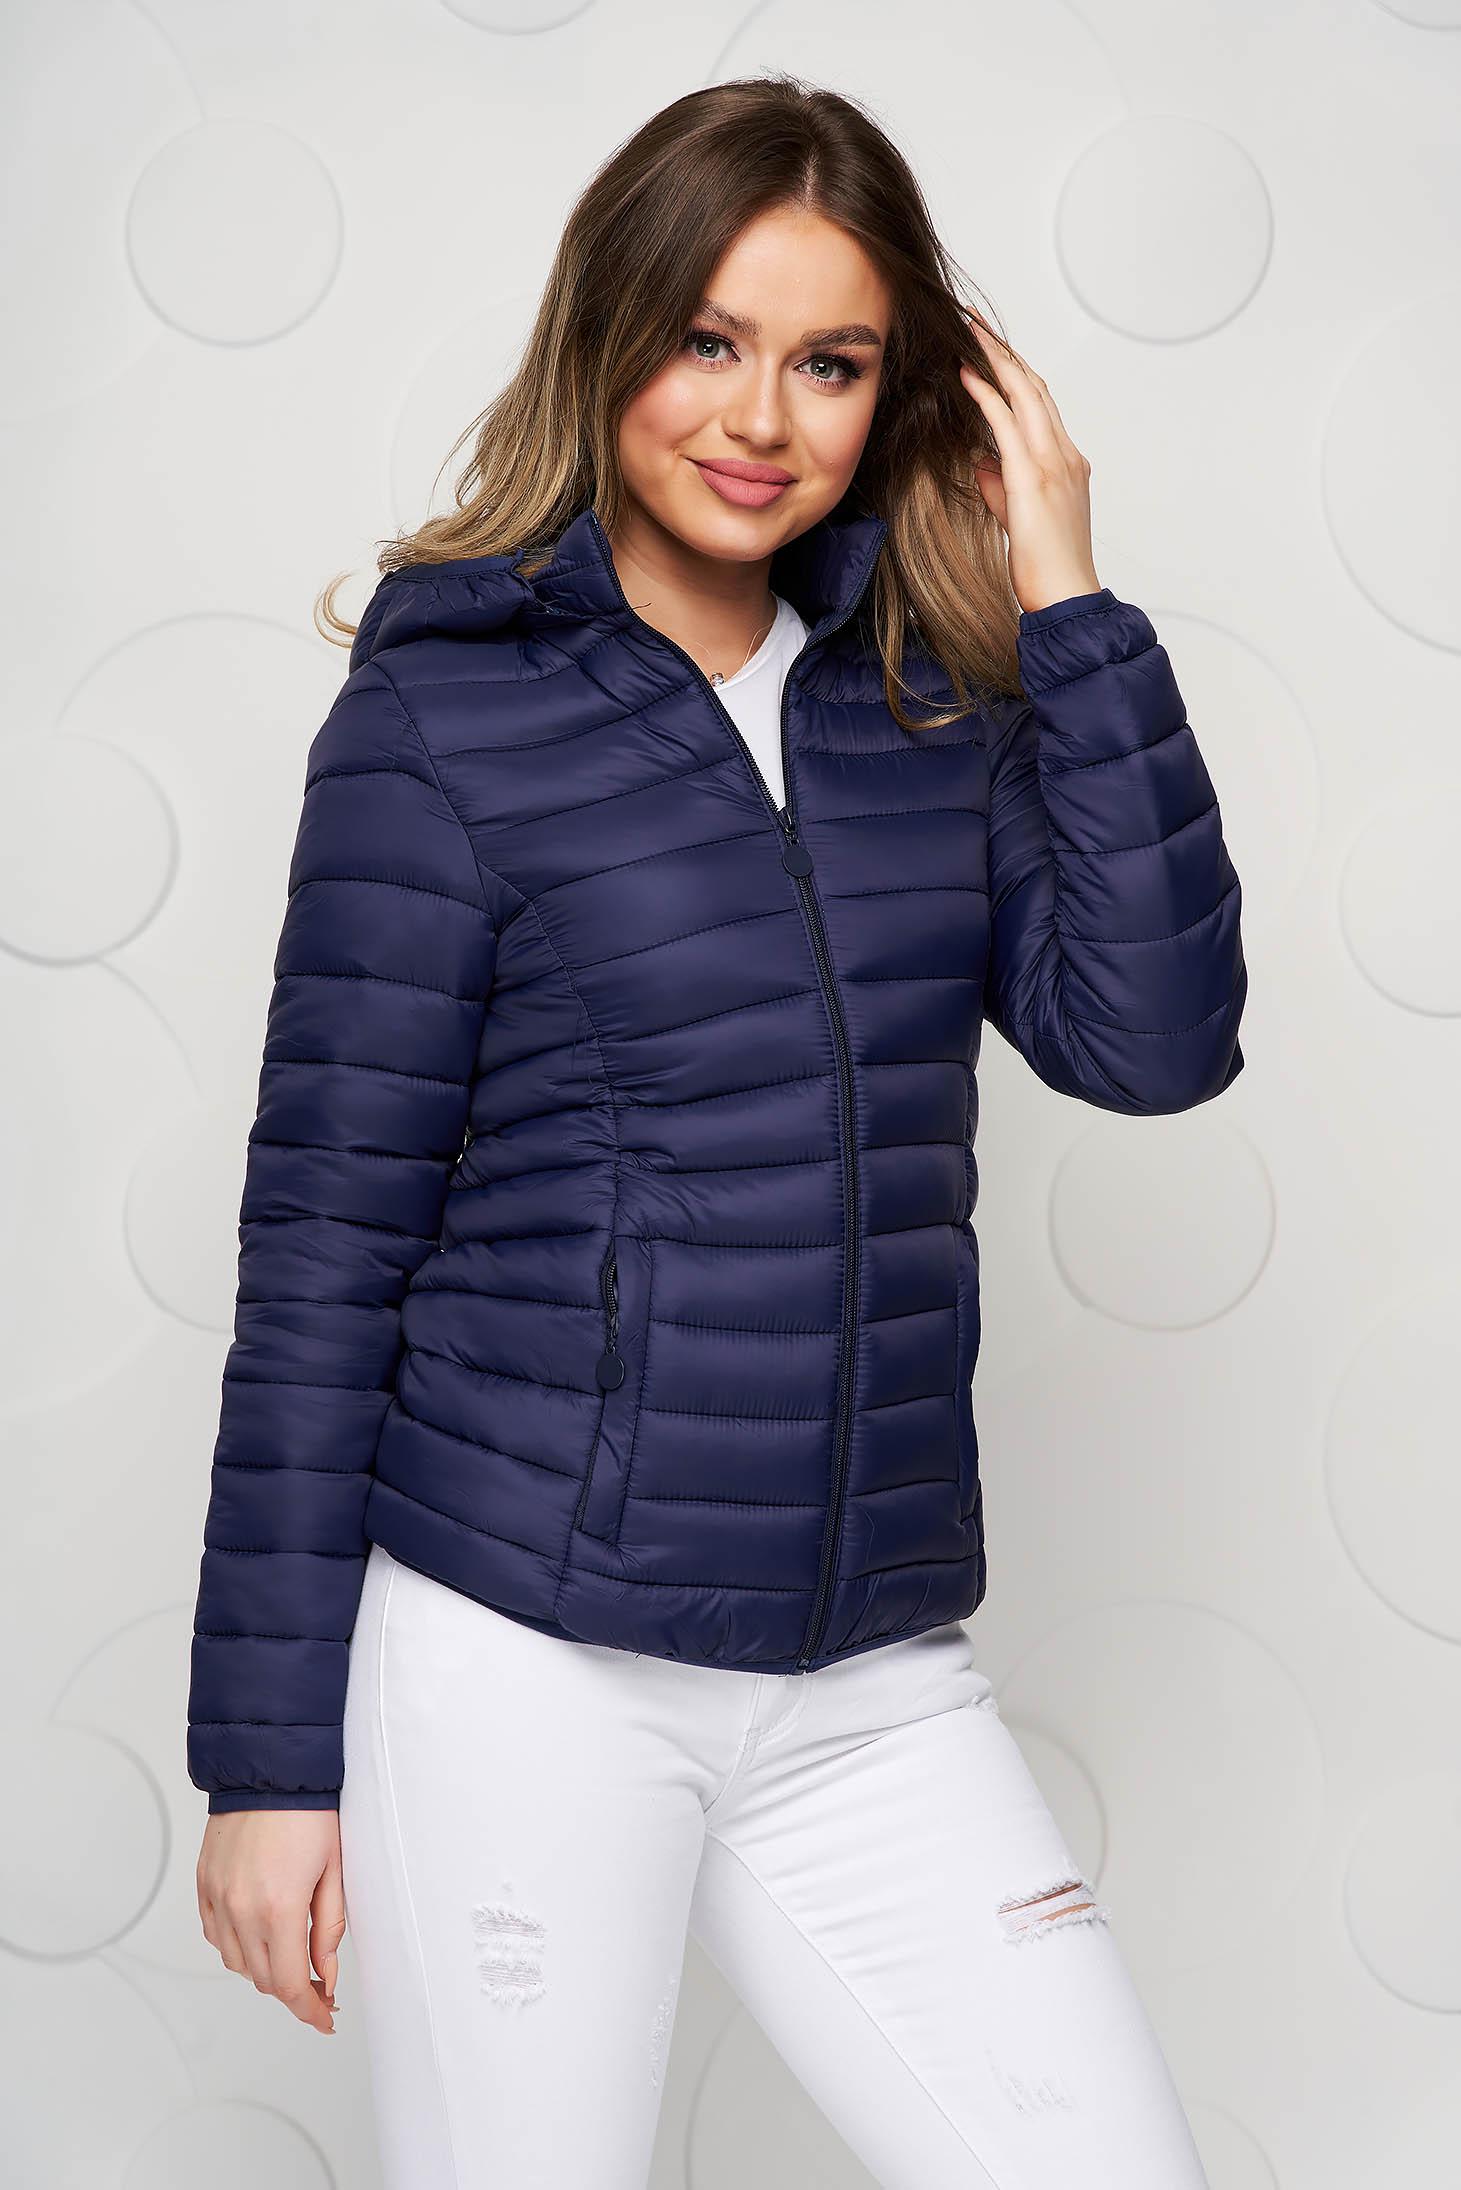 Darkblue jacket from slicker thin fabric